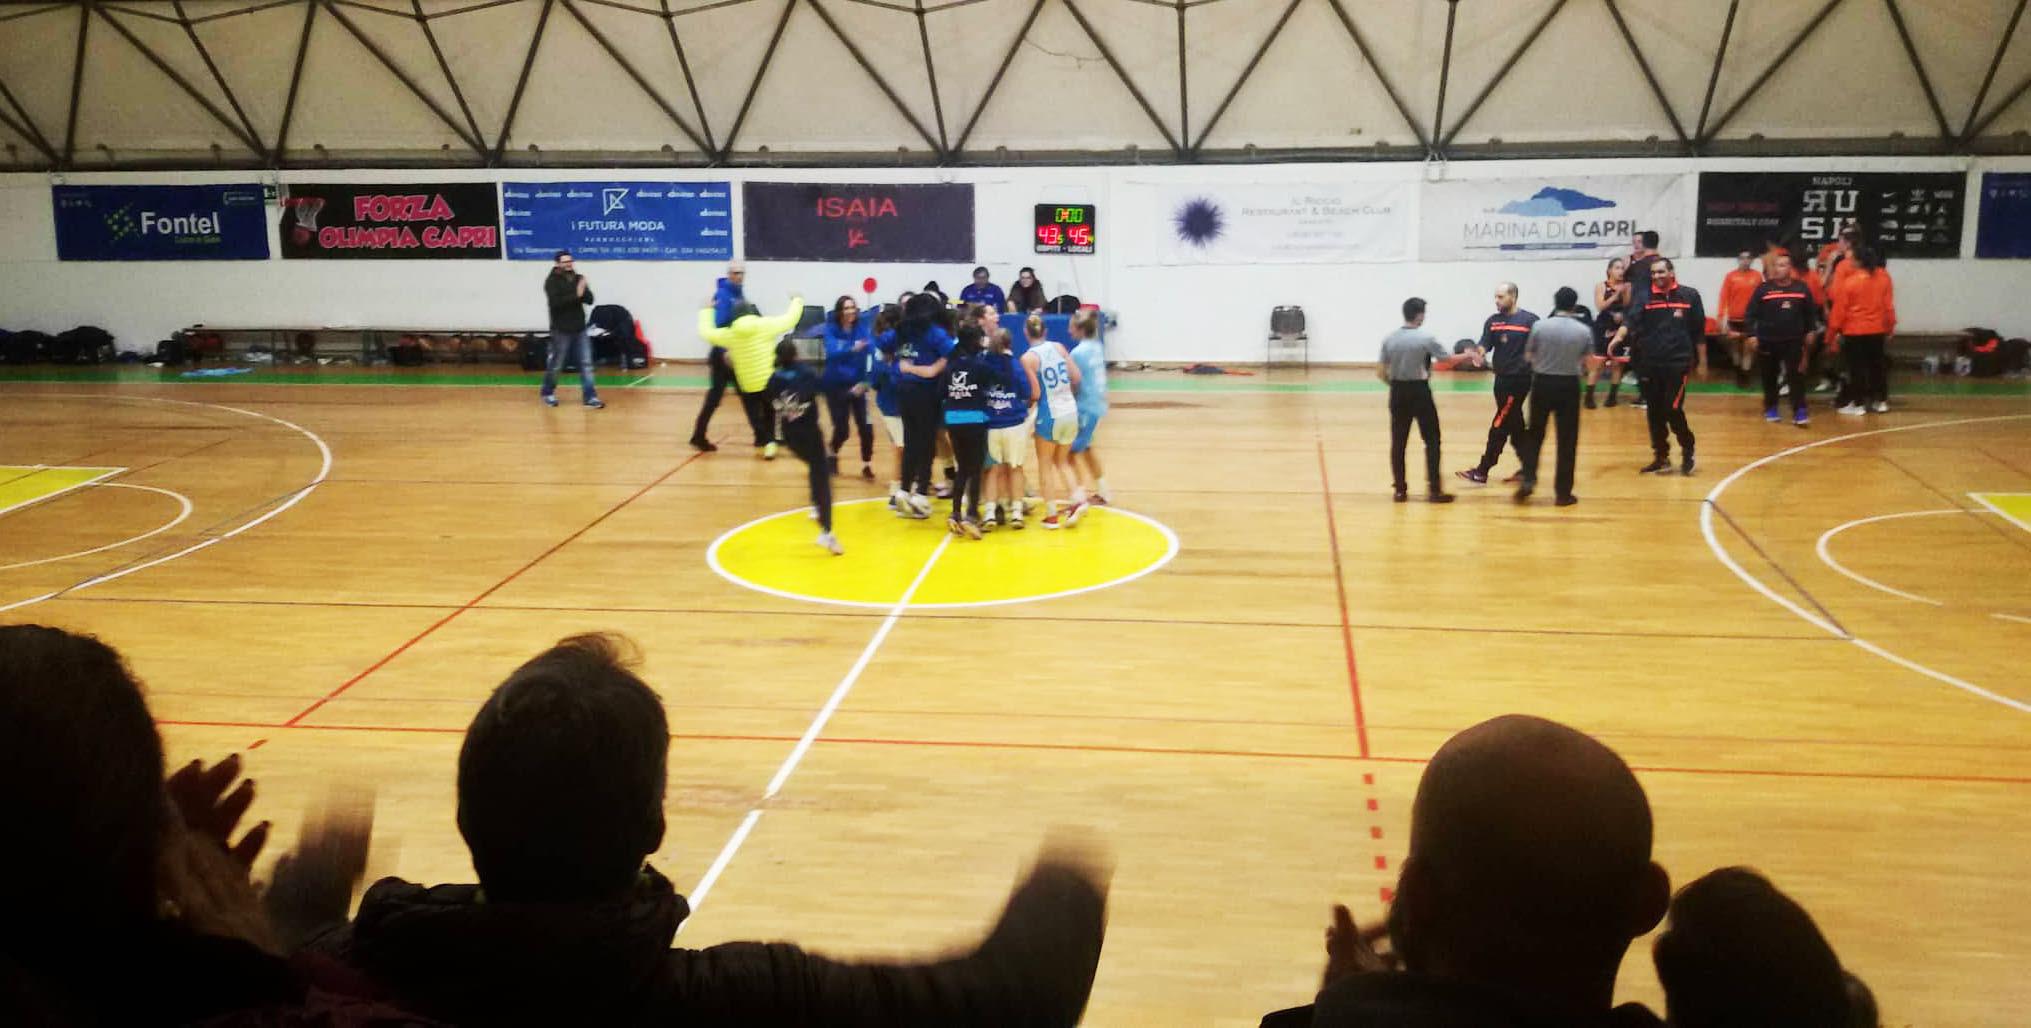 L'Olimpia Capri Basket Femminile Vince la combattuta partita casalinga contro la Givova Ladies Scafati per 45-53